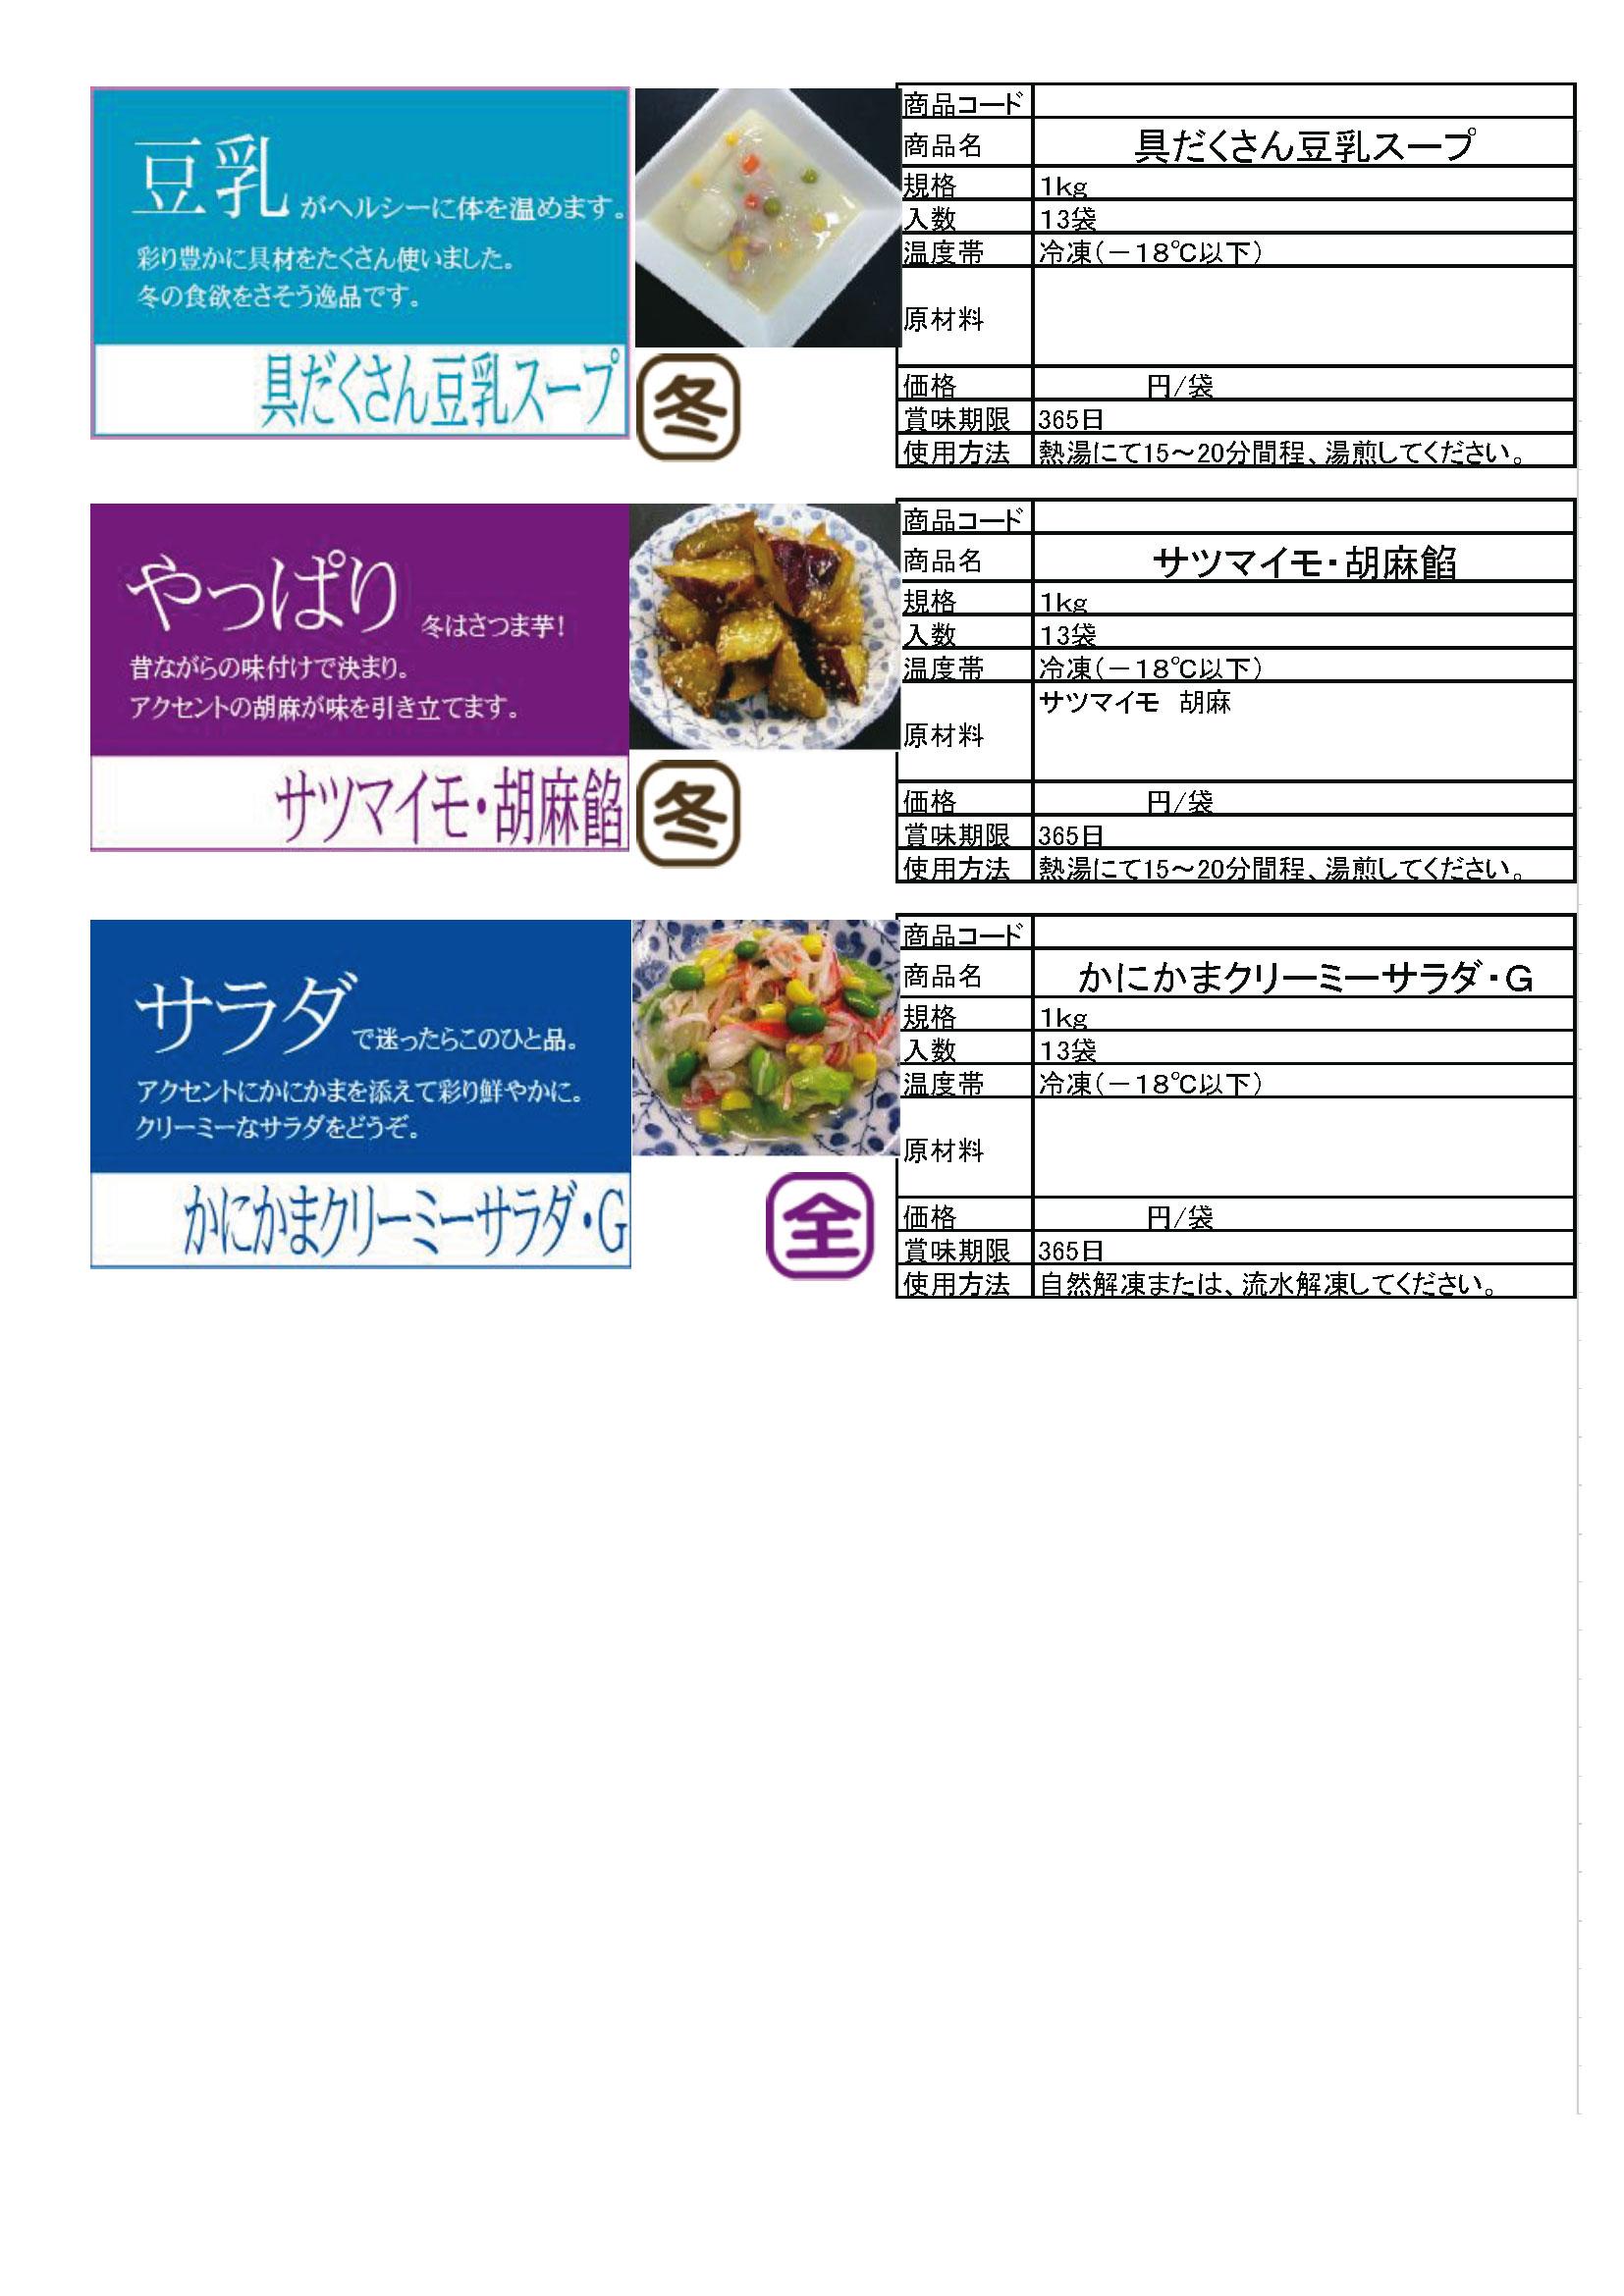 18.具だくさん豆乳スープ・サツマイモ胡麻餡・かにかまクリーミーサラダG